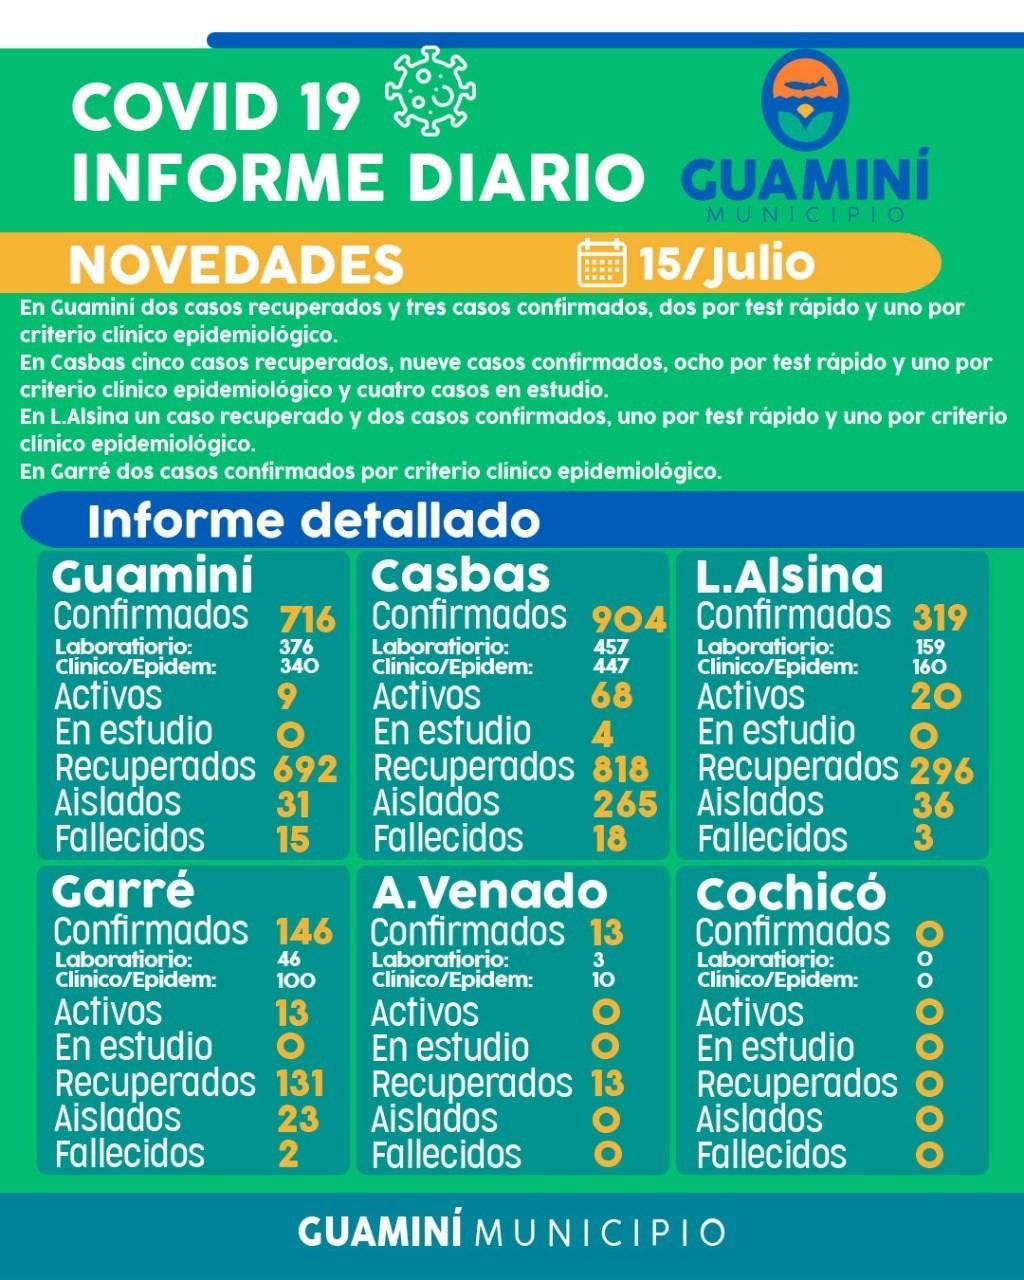 CORONAVIRUS: INFORME DIARIO DE SITUACIÓN A NIVEL LOCAL  - 15 DE JULIO -